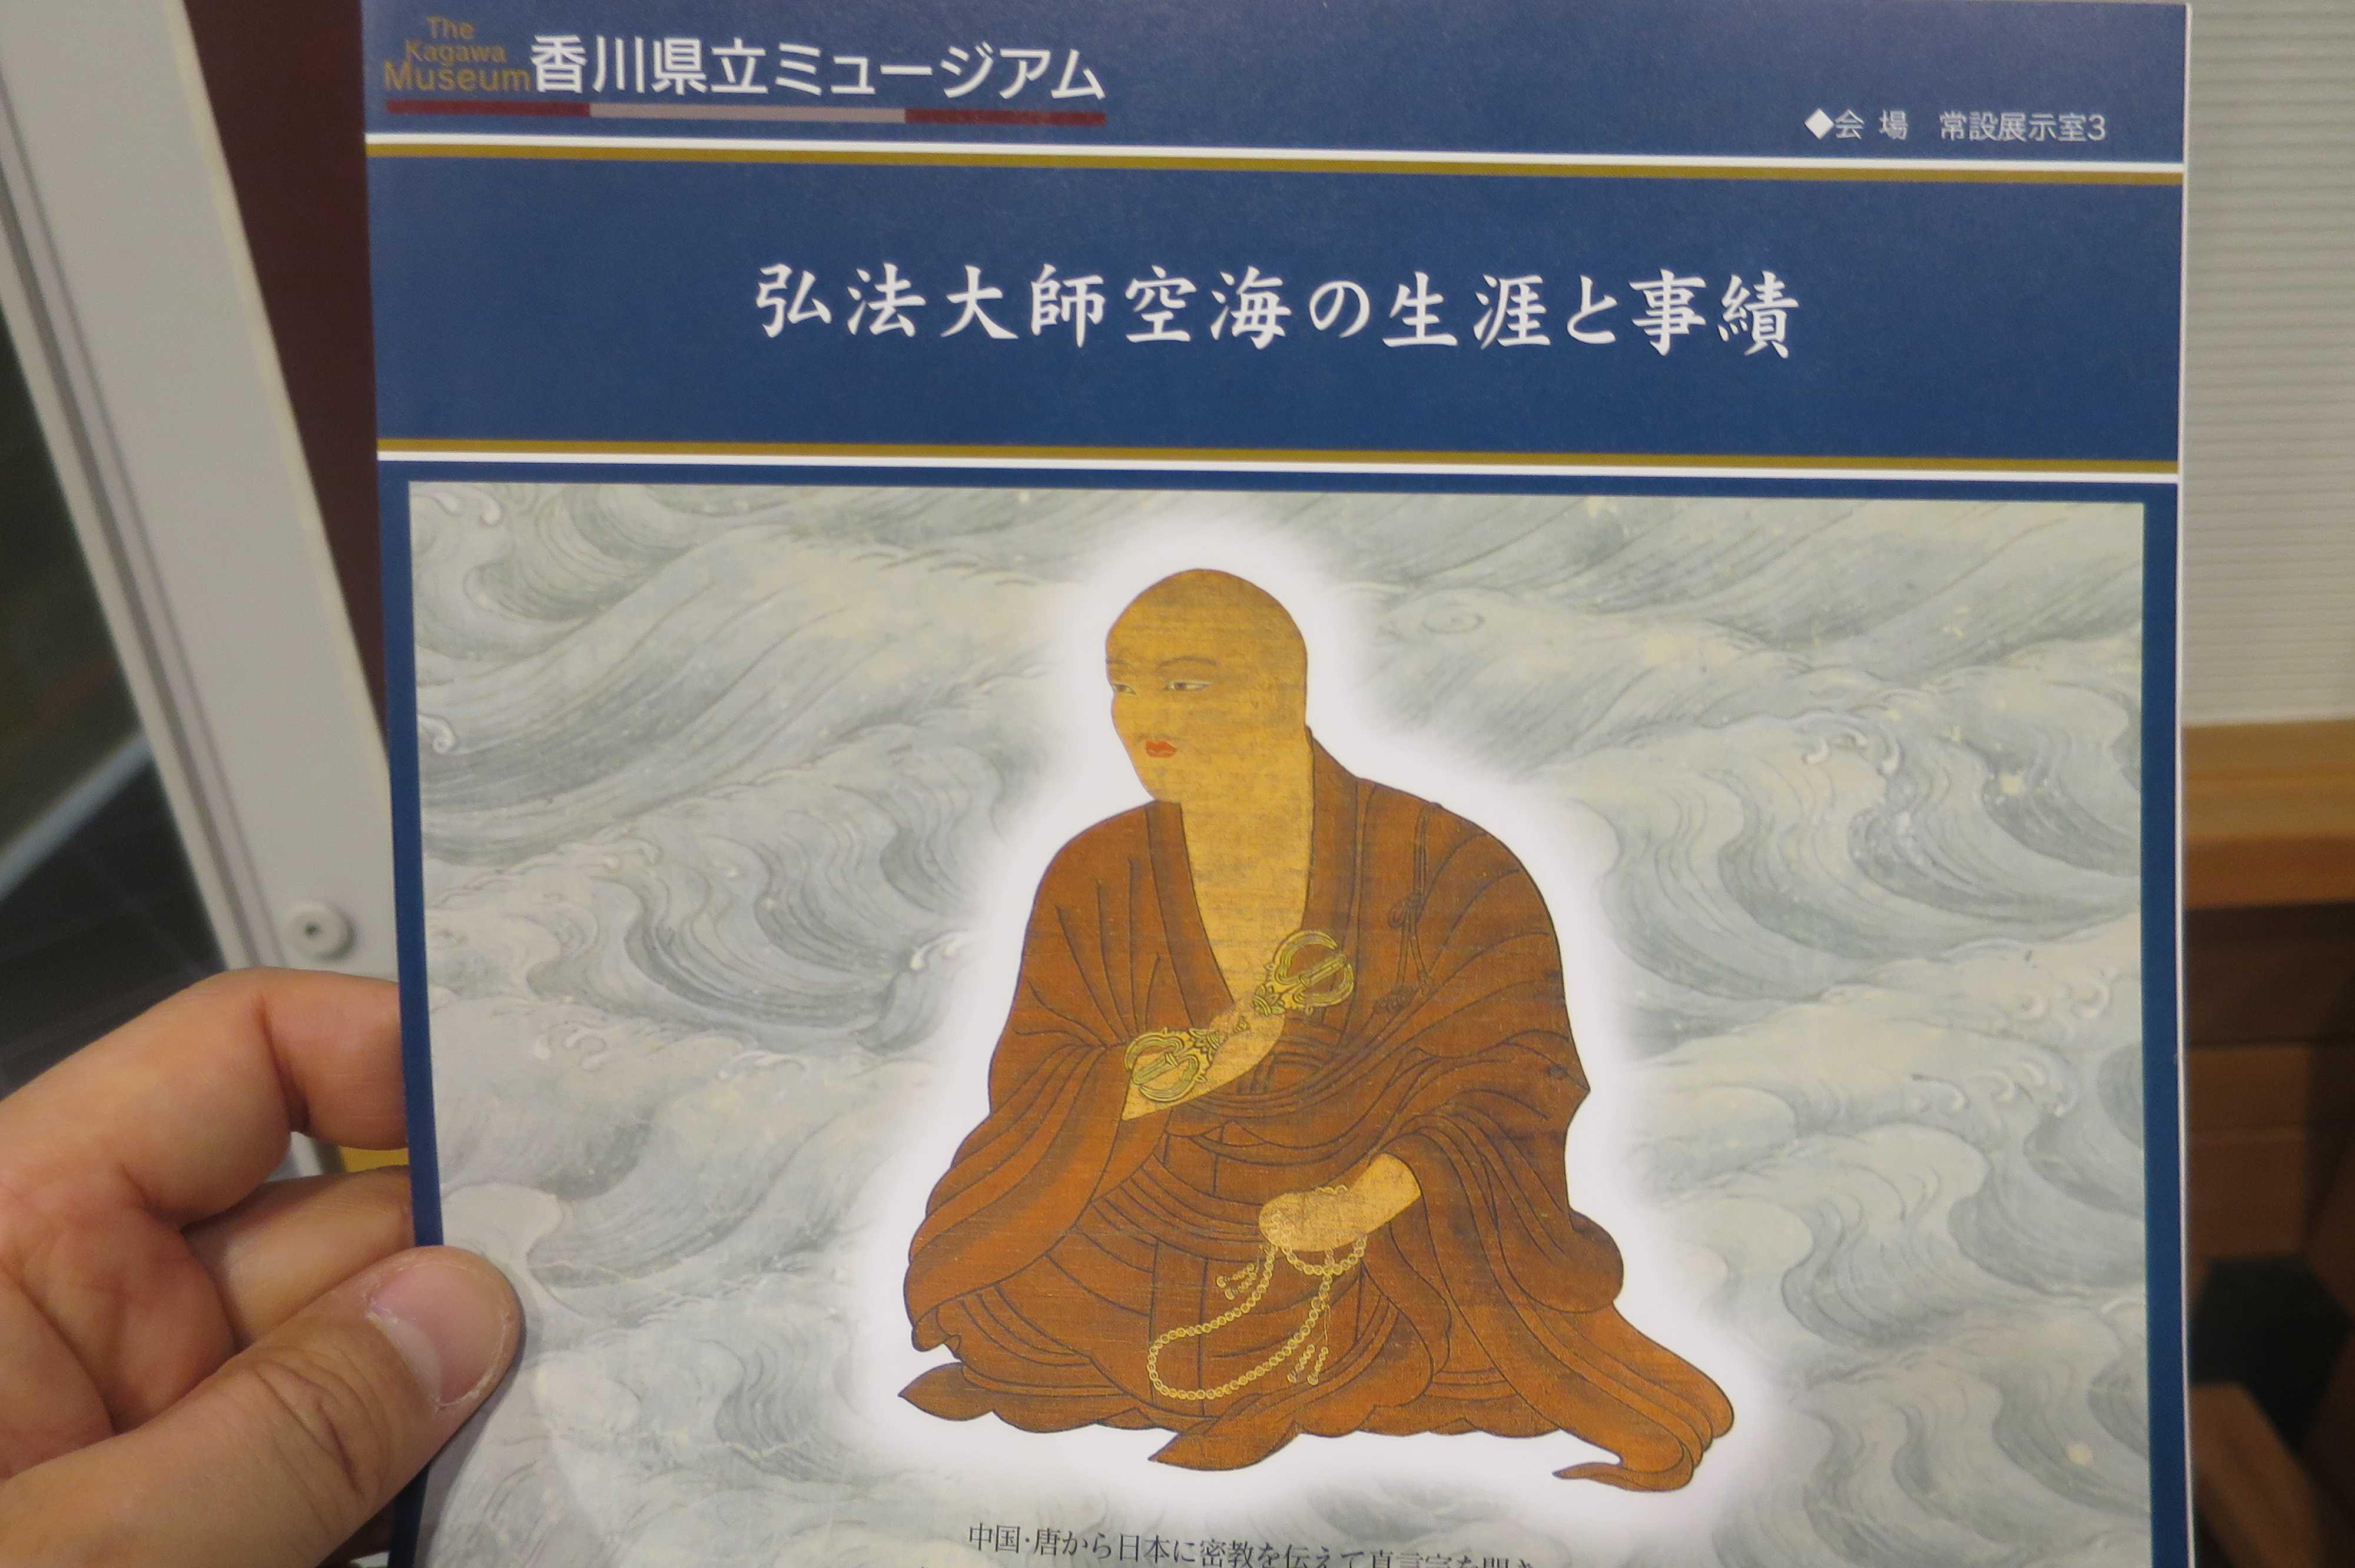 「弘法大師空海の生涯と事績」のパンフレット